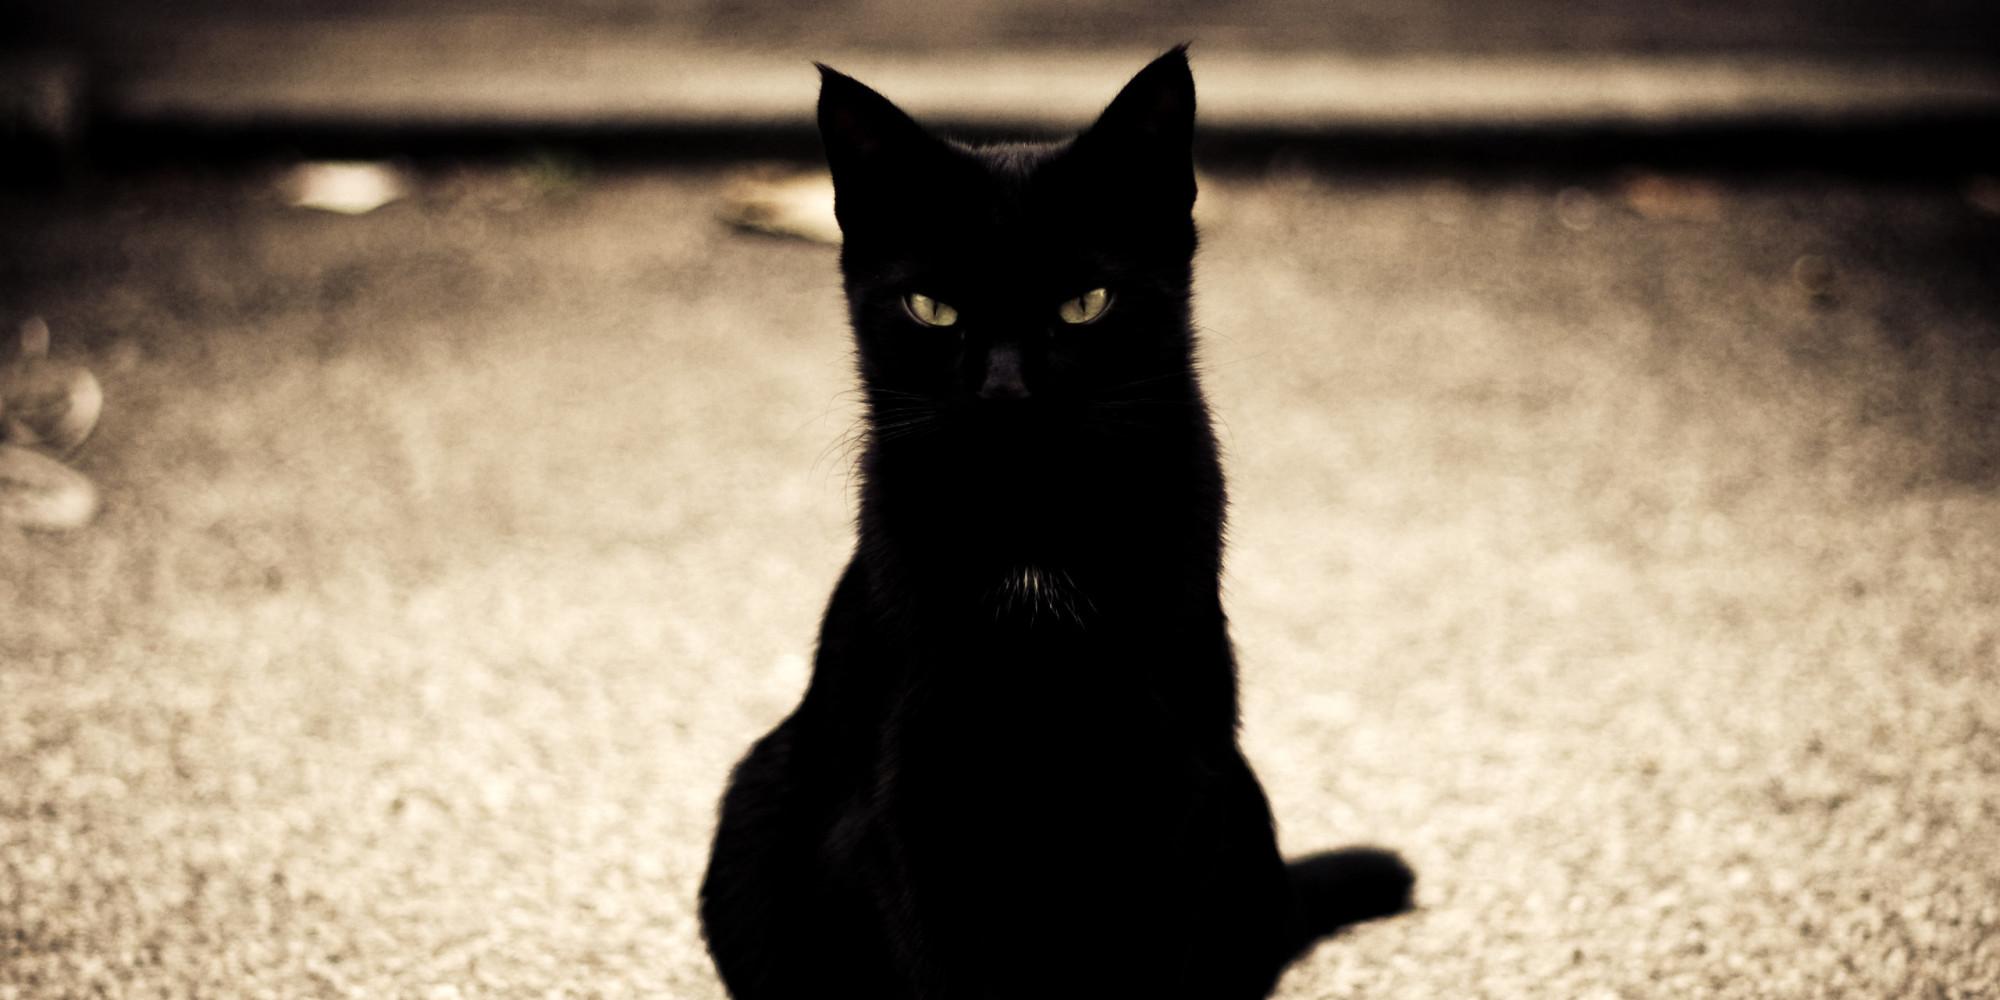 В пятницу 13 стоит остерегаться черных кошек